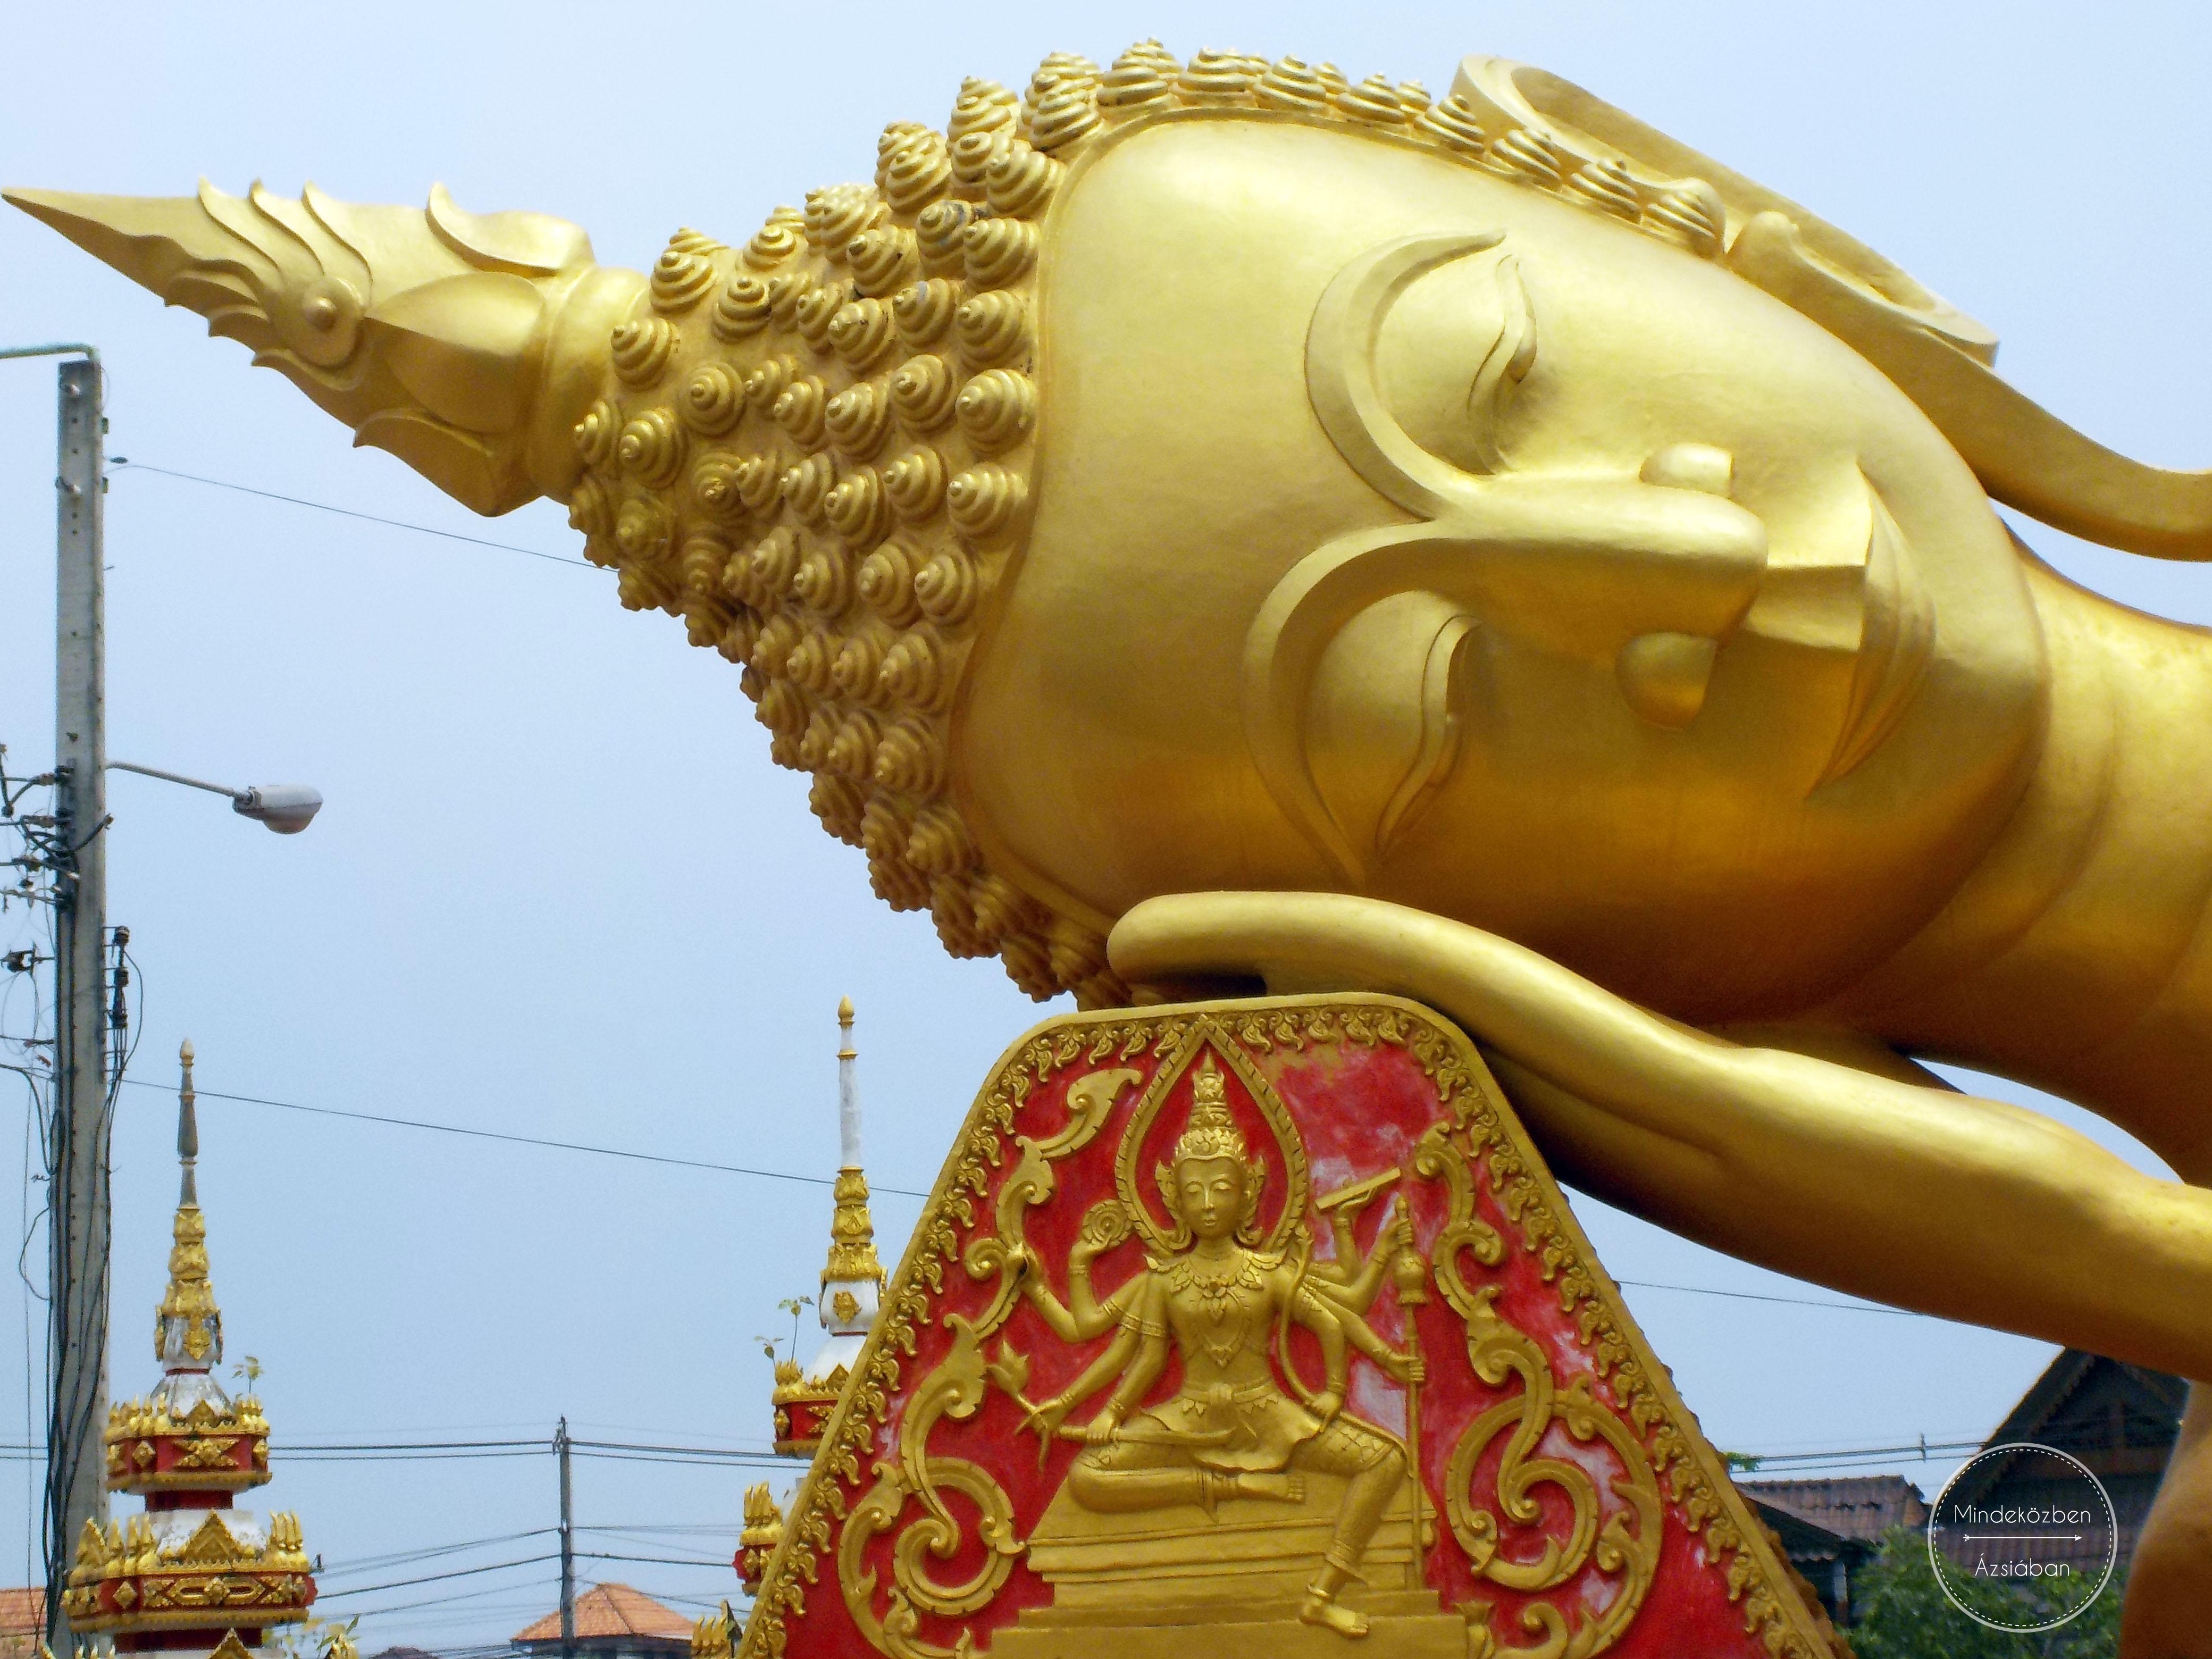 Minden országba kell egy giga Buddha. Ide is.